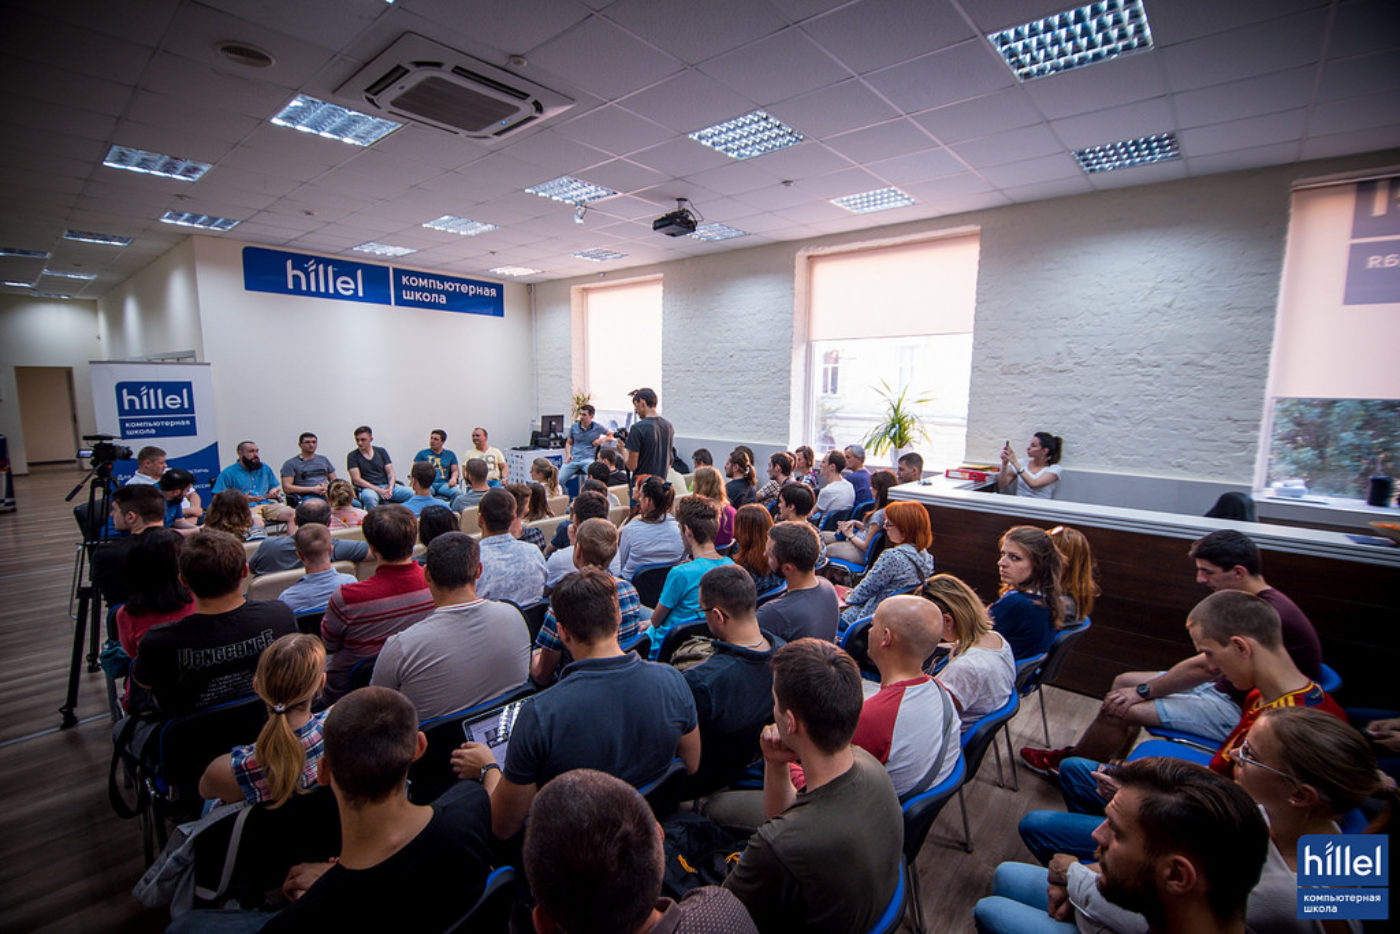 События: Встреча «Моя первая работа в IT. ver 4.0» в Одессе